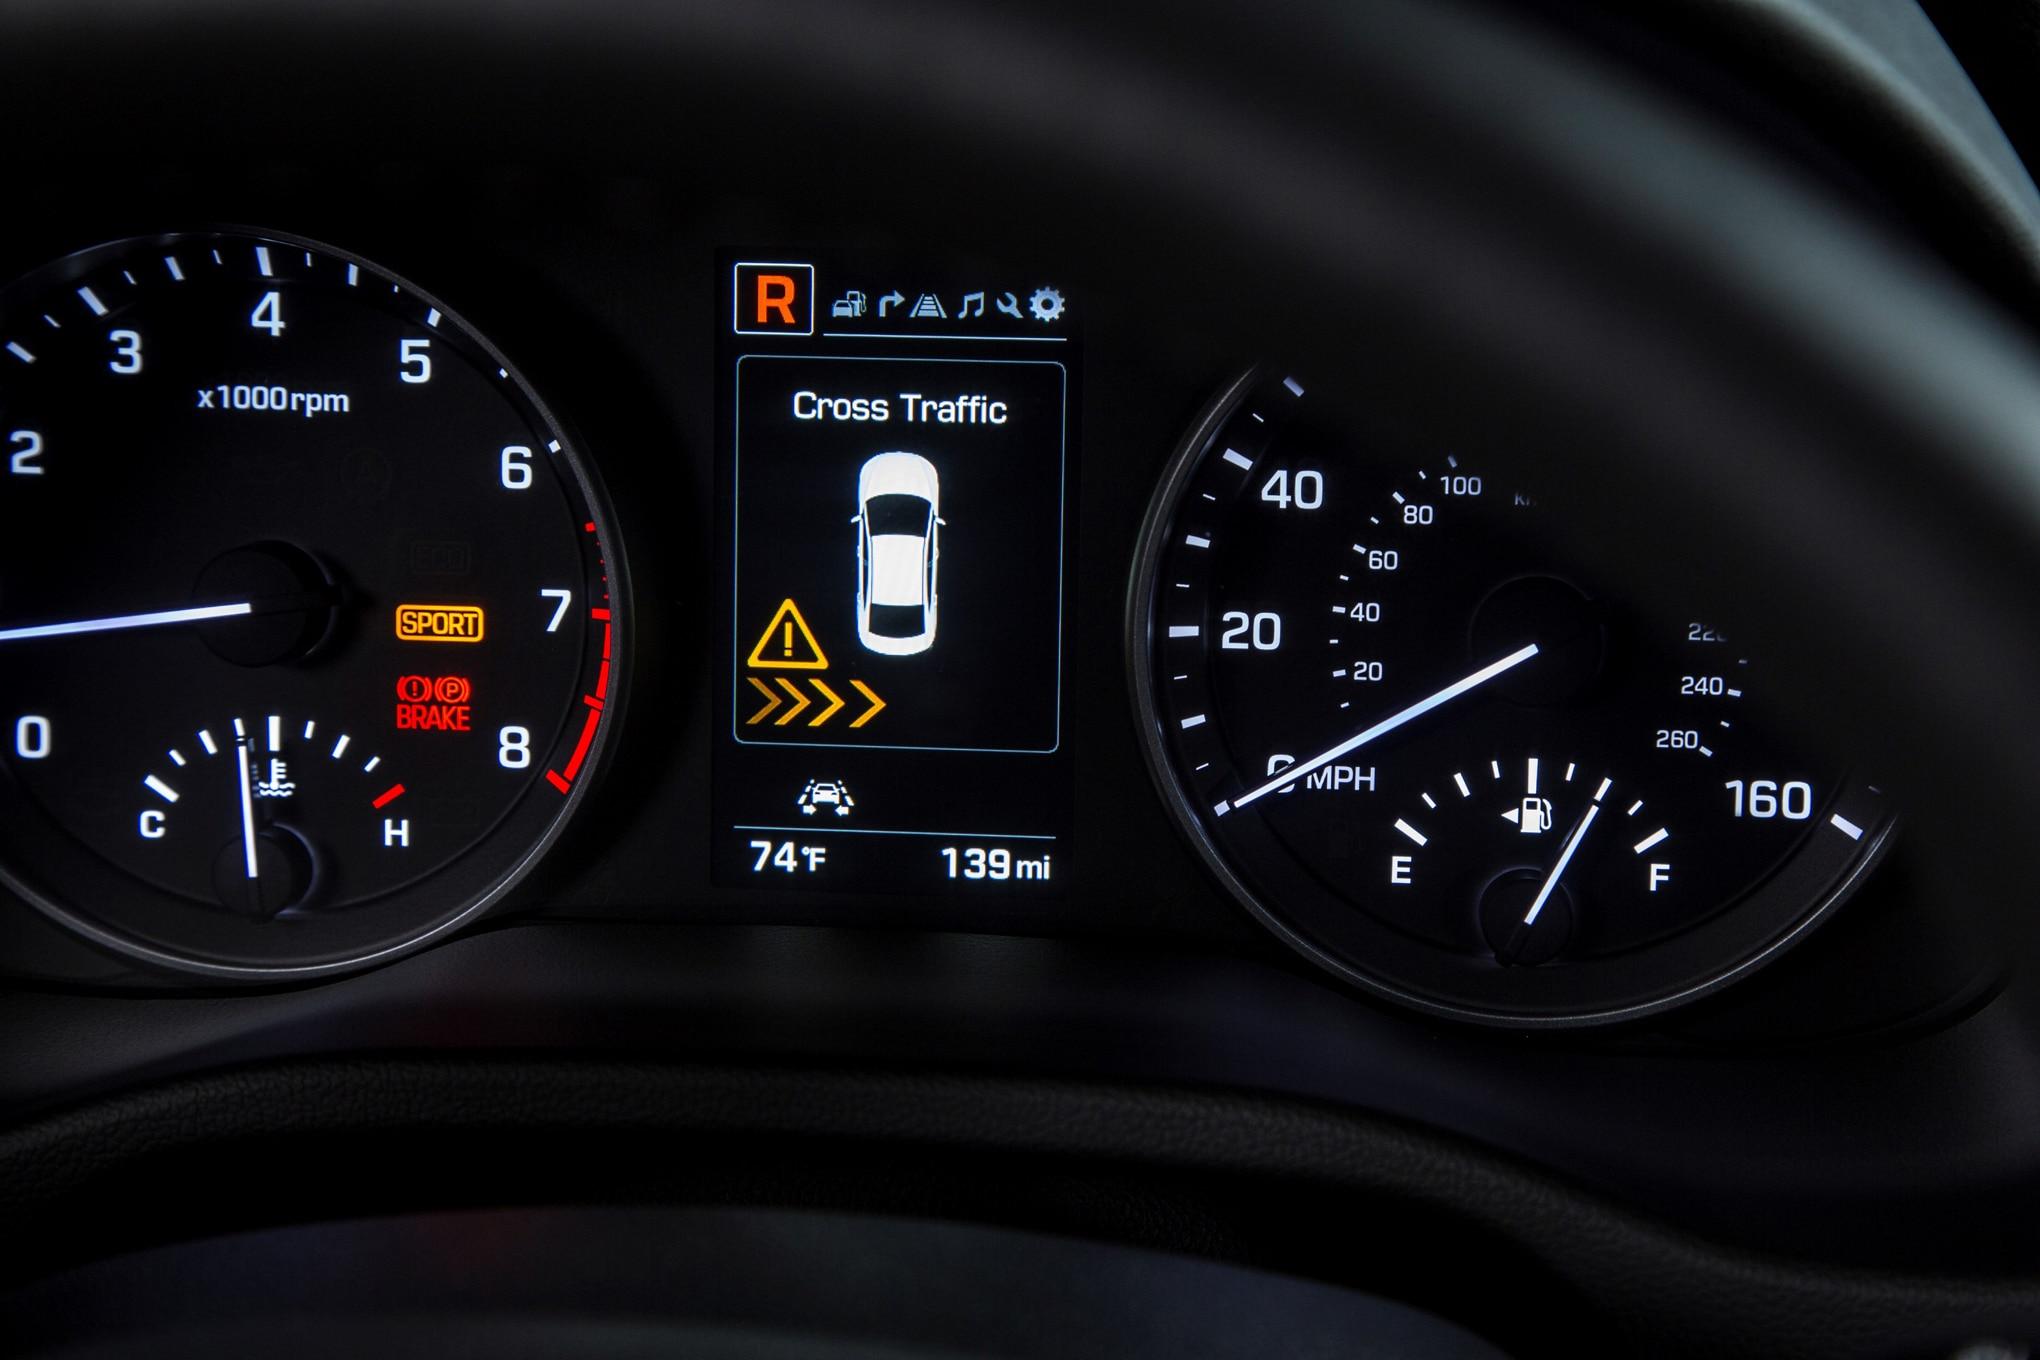 Hyundai terracan review uk dating 9